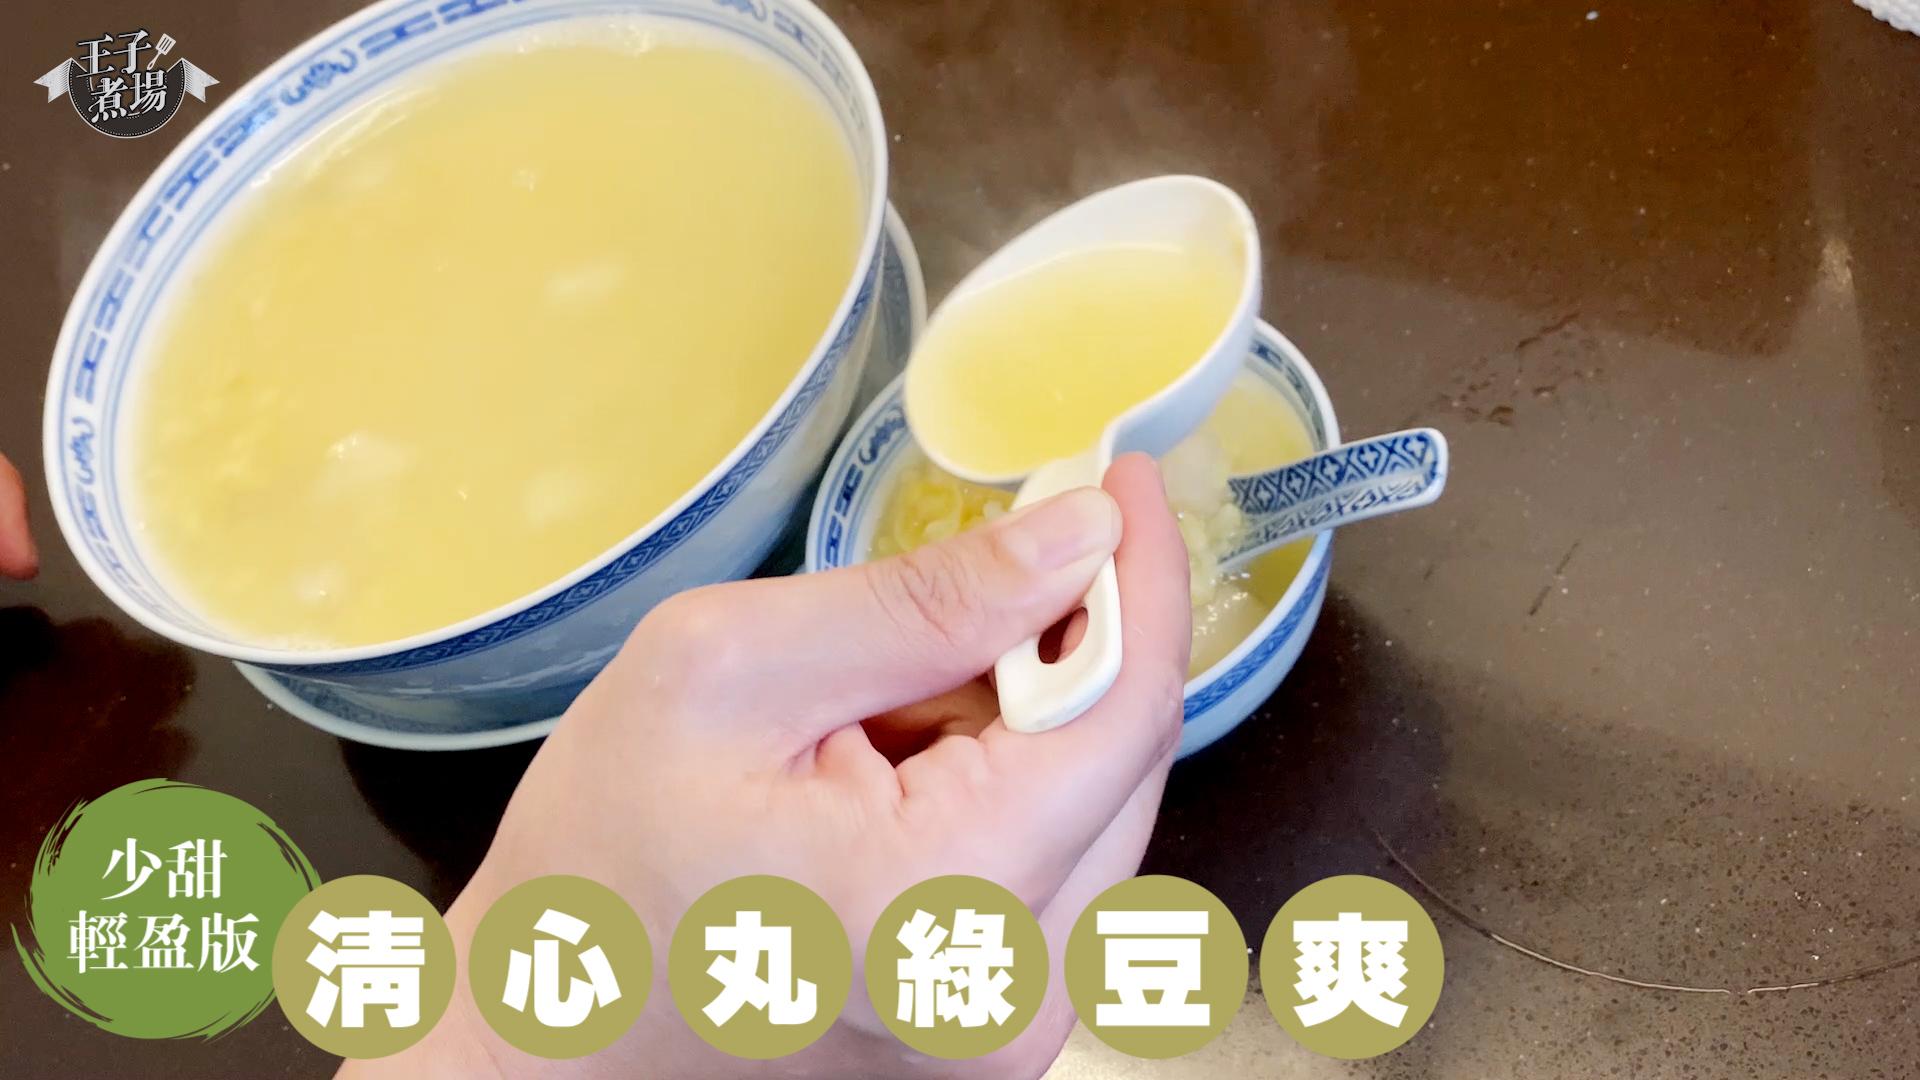 【有片】王子煮場 – 居家料理 清新怡人 清心丸綠豆爽